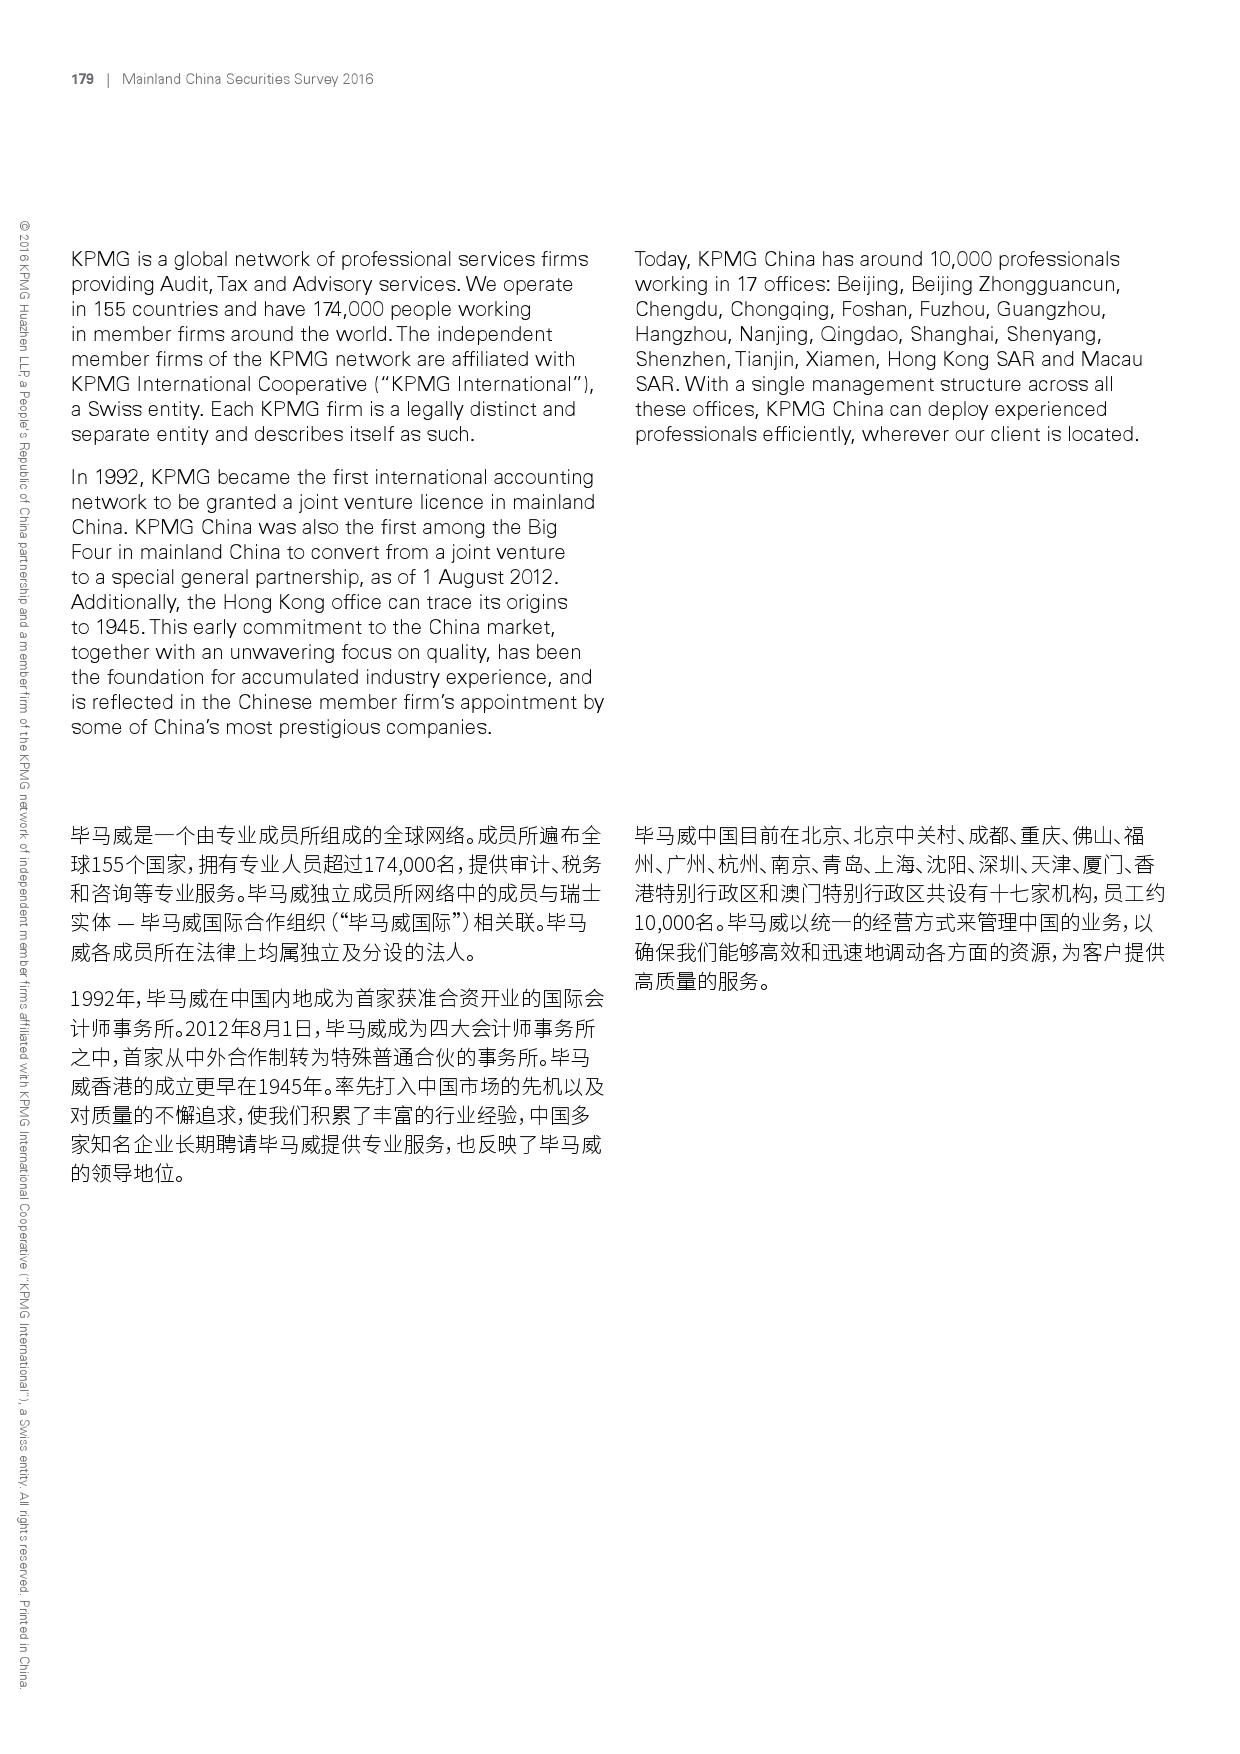 2016年中国证券业调查报告_000182